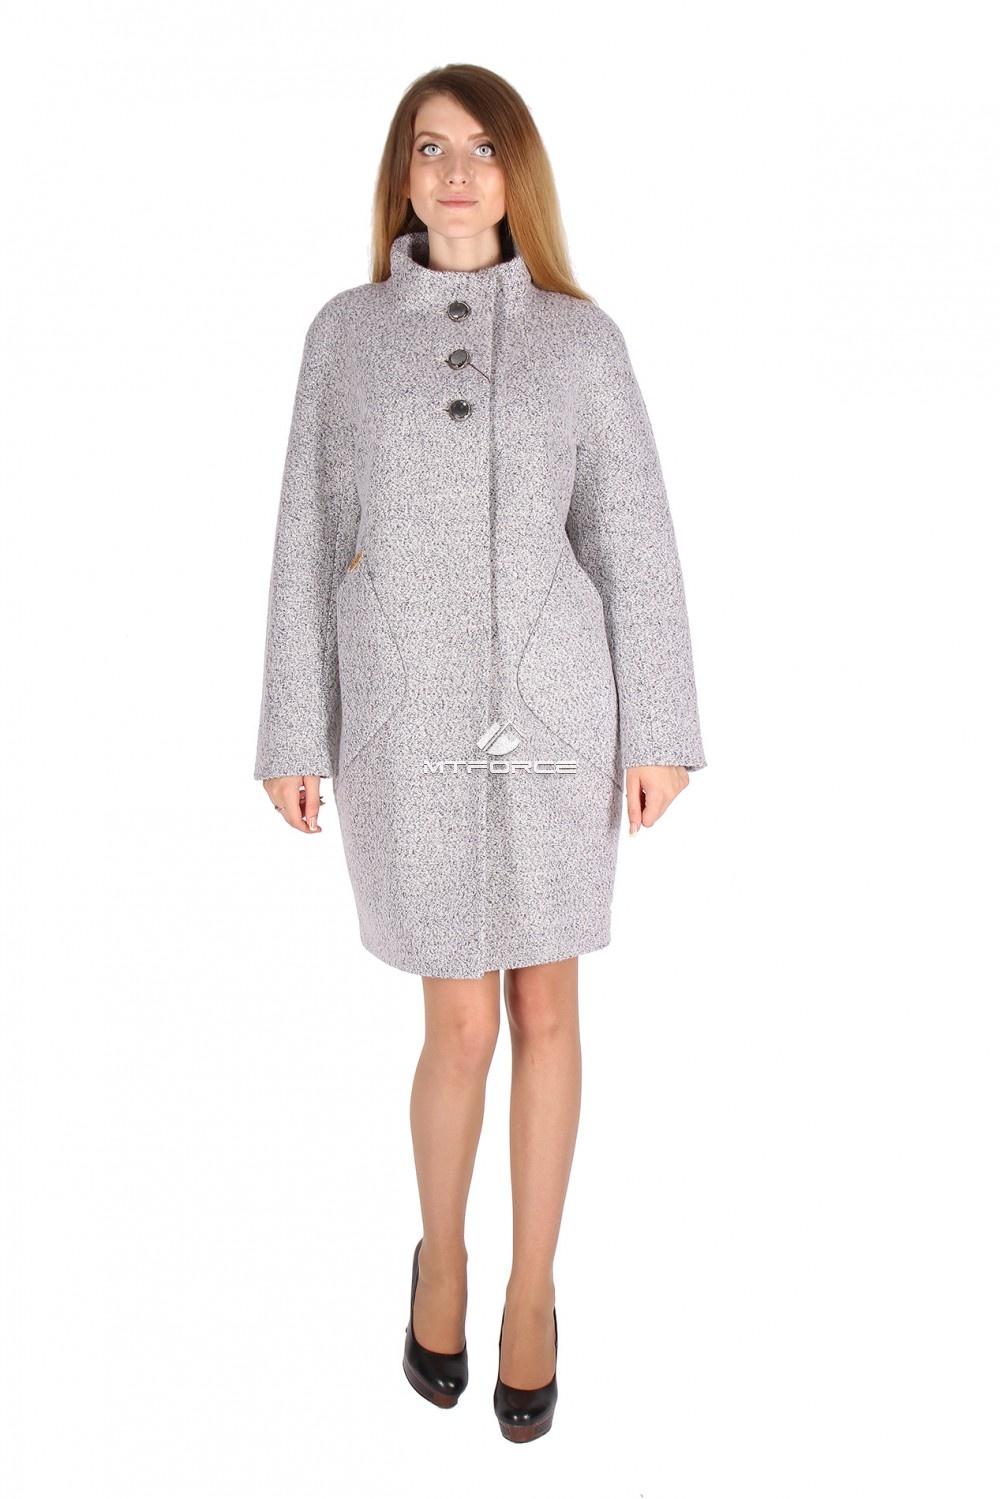 Купить                                  оптом Пальто женское серого цвета 16291Sr